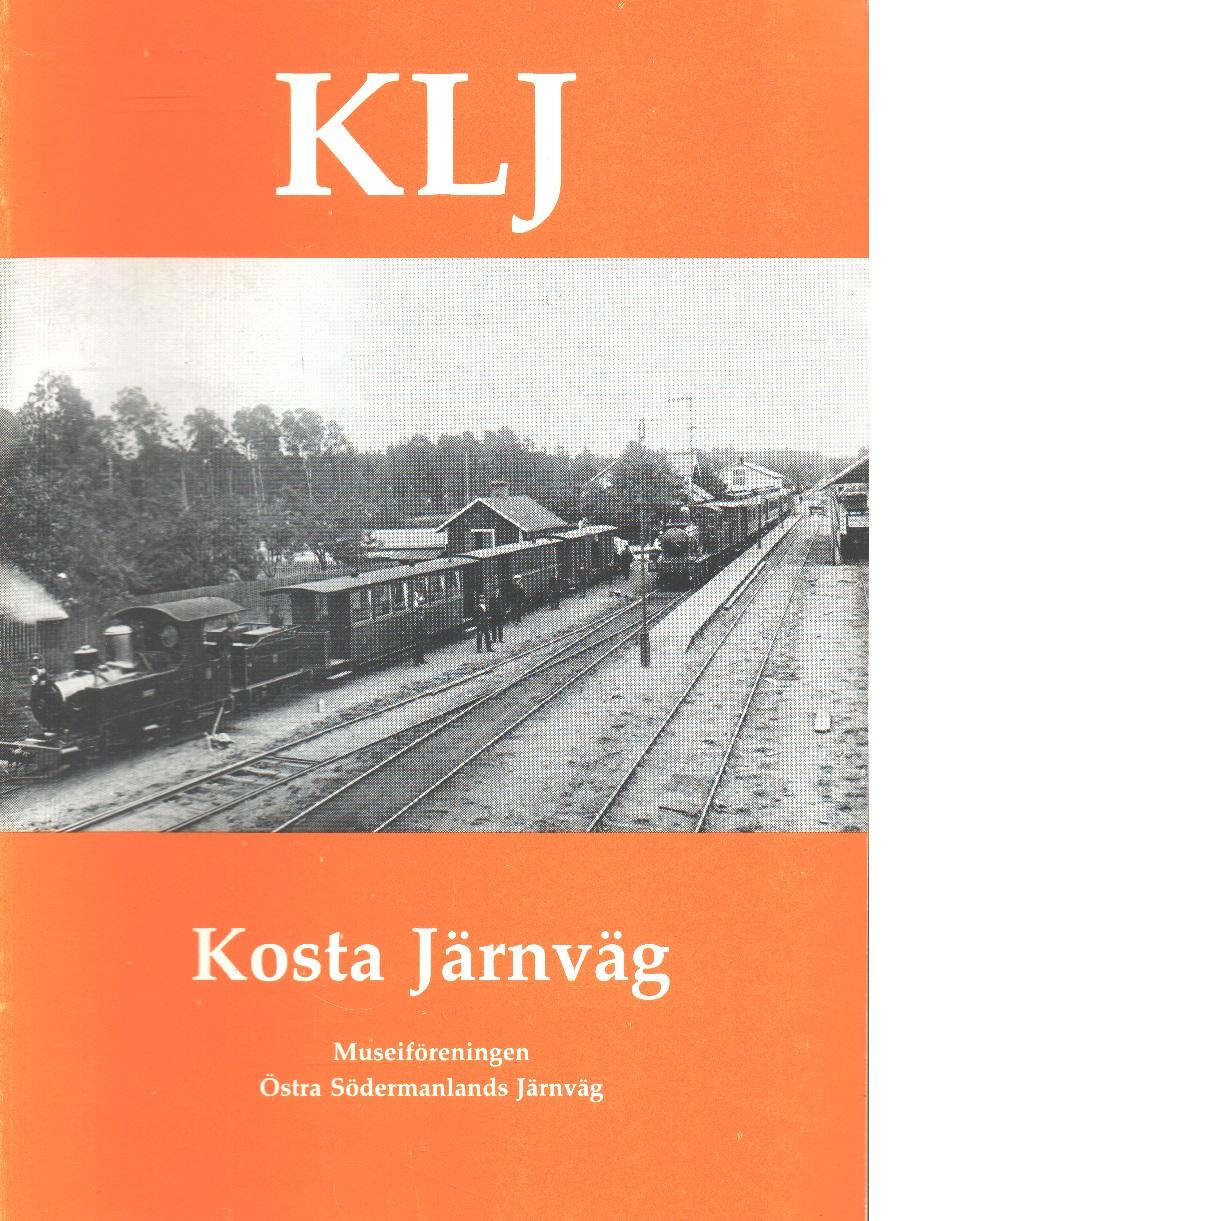 Kosta järnväg : linjen lessebo-kosta-målerås, hummels jernvägsbyrå och kostasystemet - Welander, Lennart